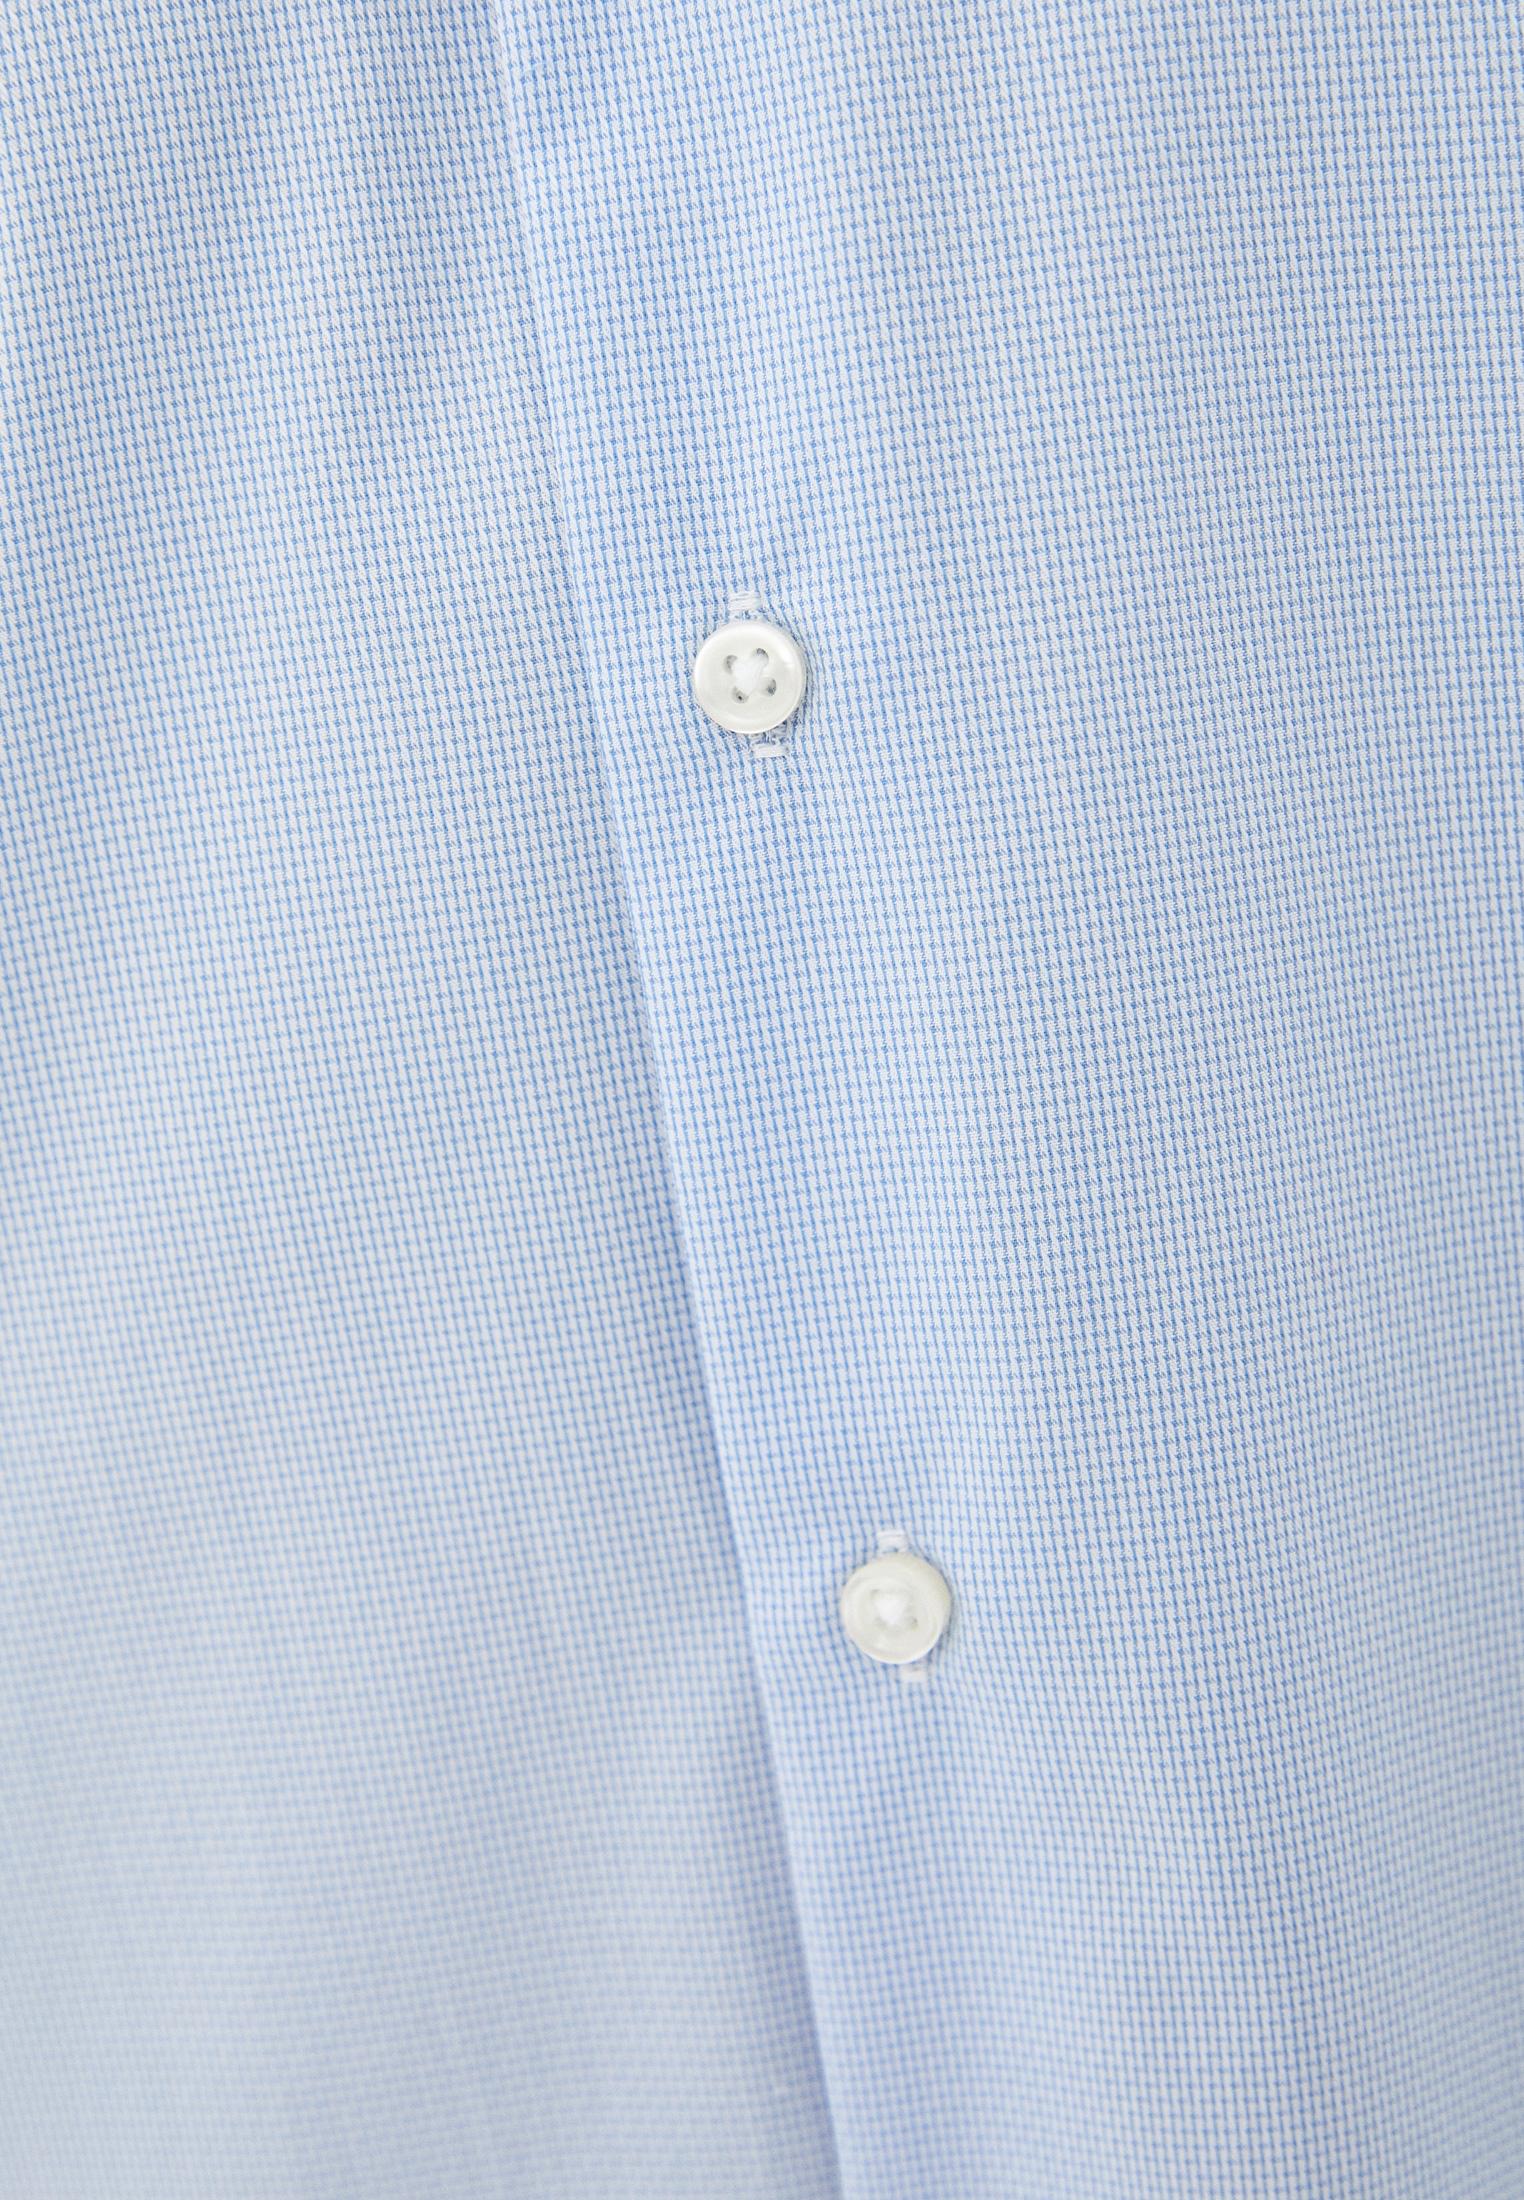 Рубашка с длинным рукавом Pierre Cardin (Пьер Кардин) 05200/000/27403/9001: изображение 4